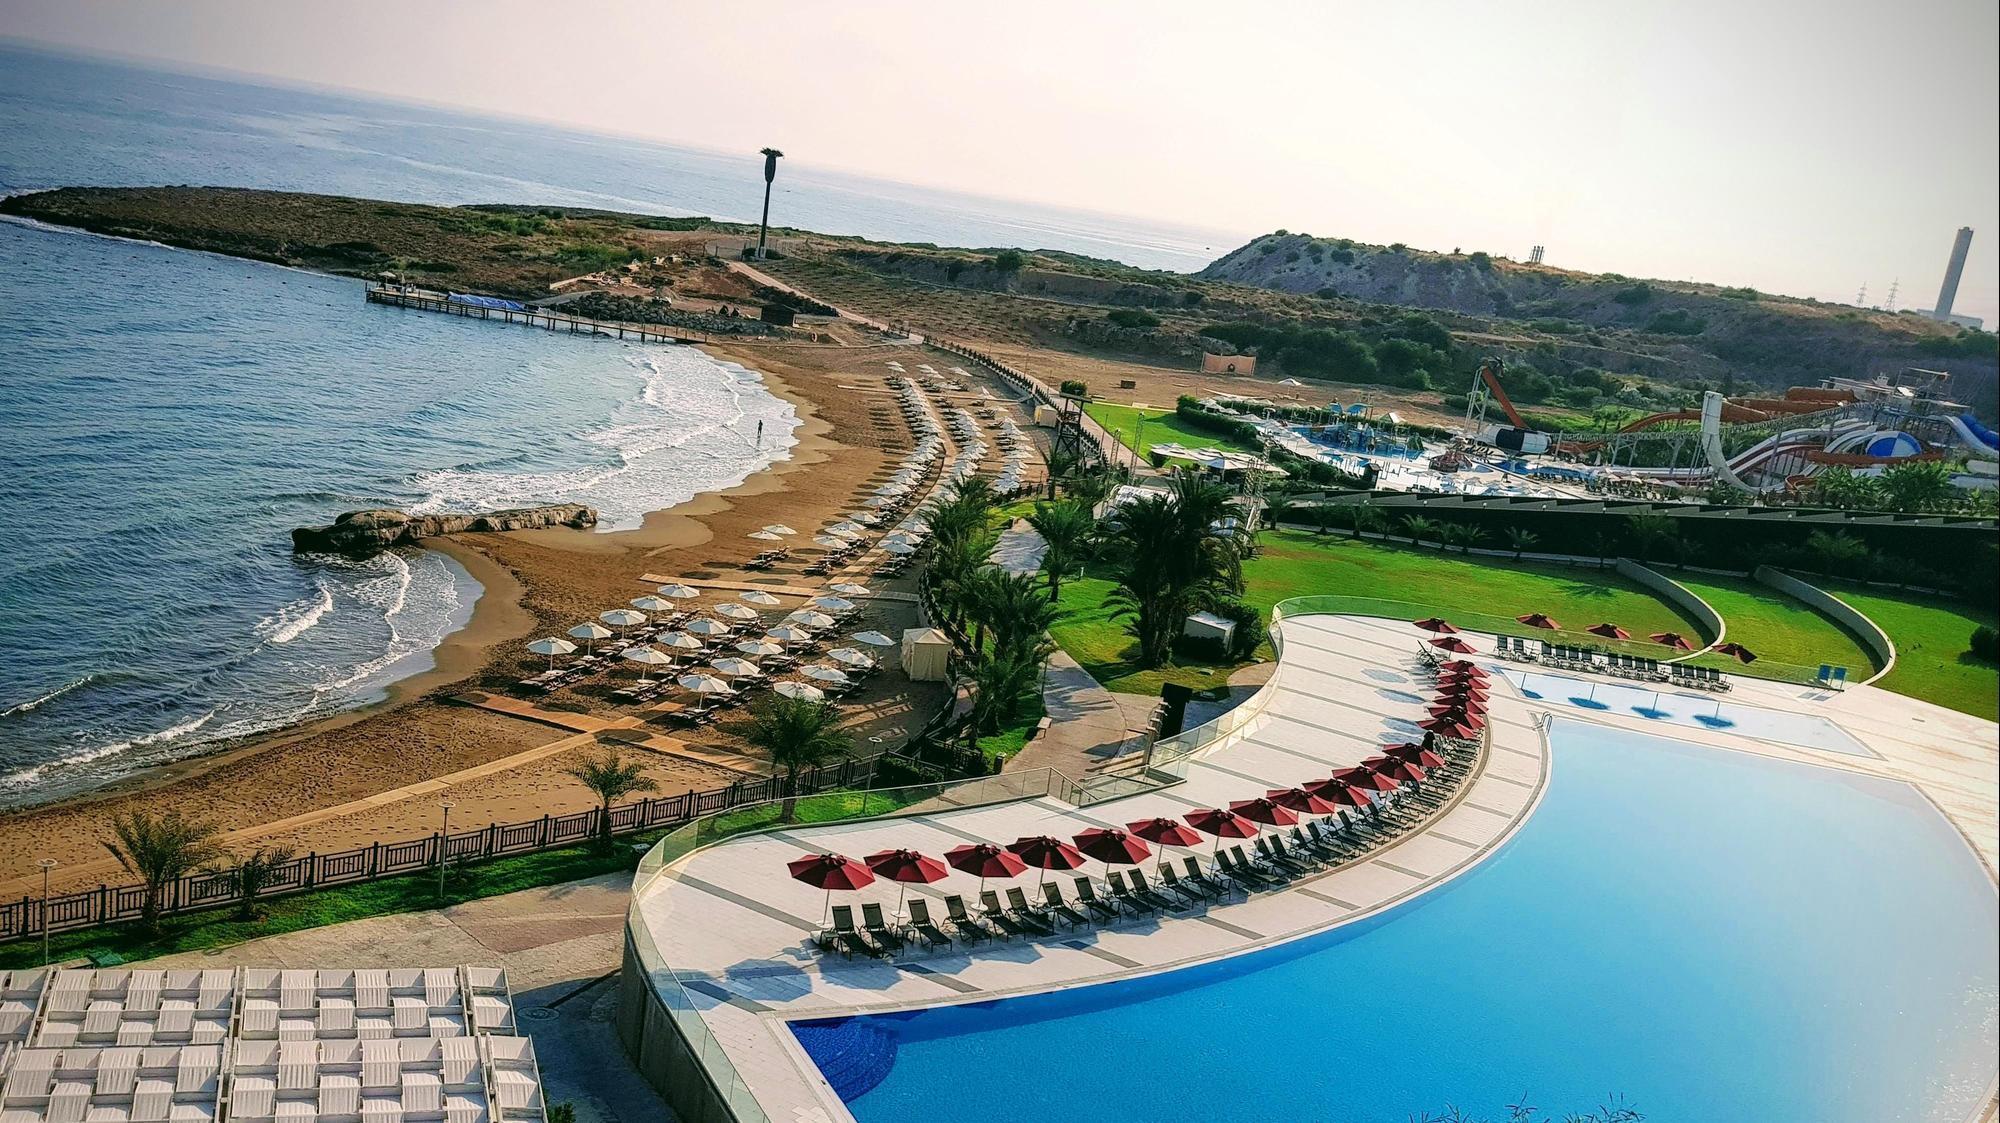 הבריכה וחוף הים של מלון אלקסוס, צפון קפריסין. ארז מיכאלי